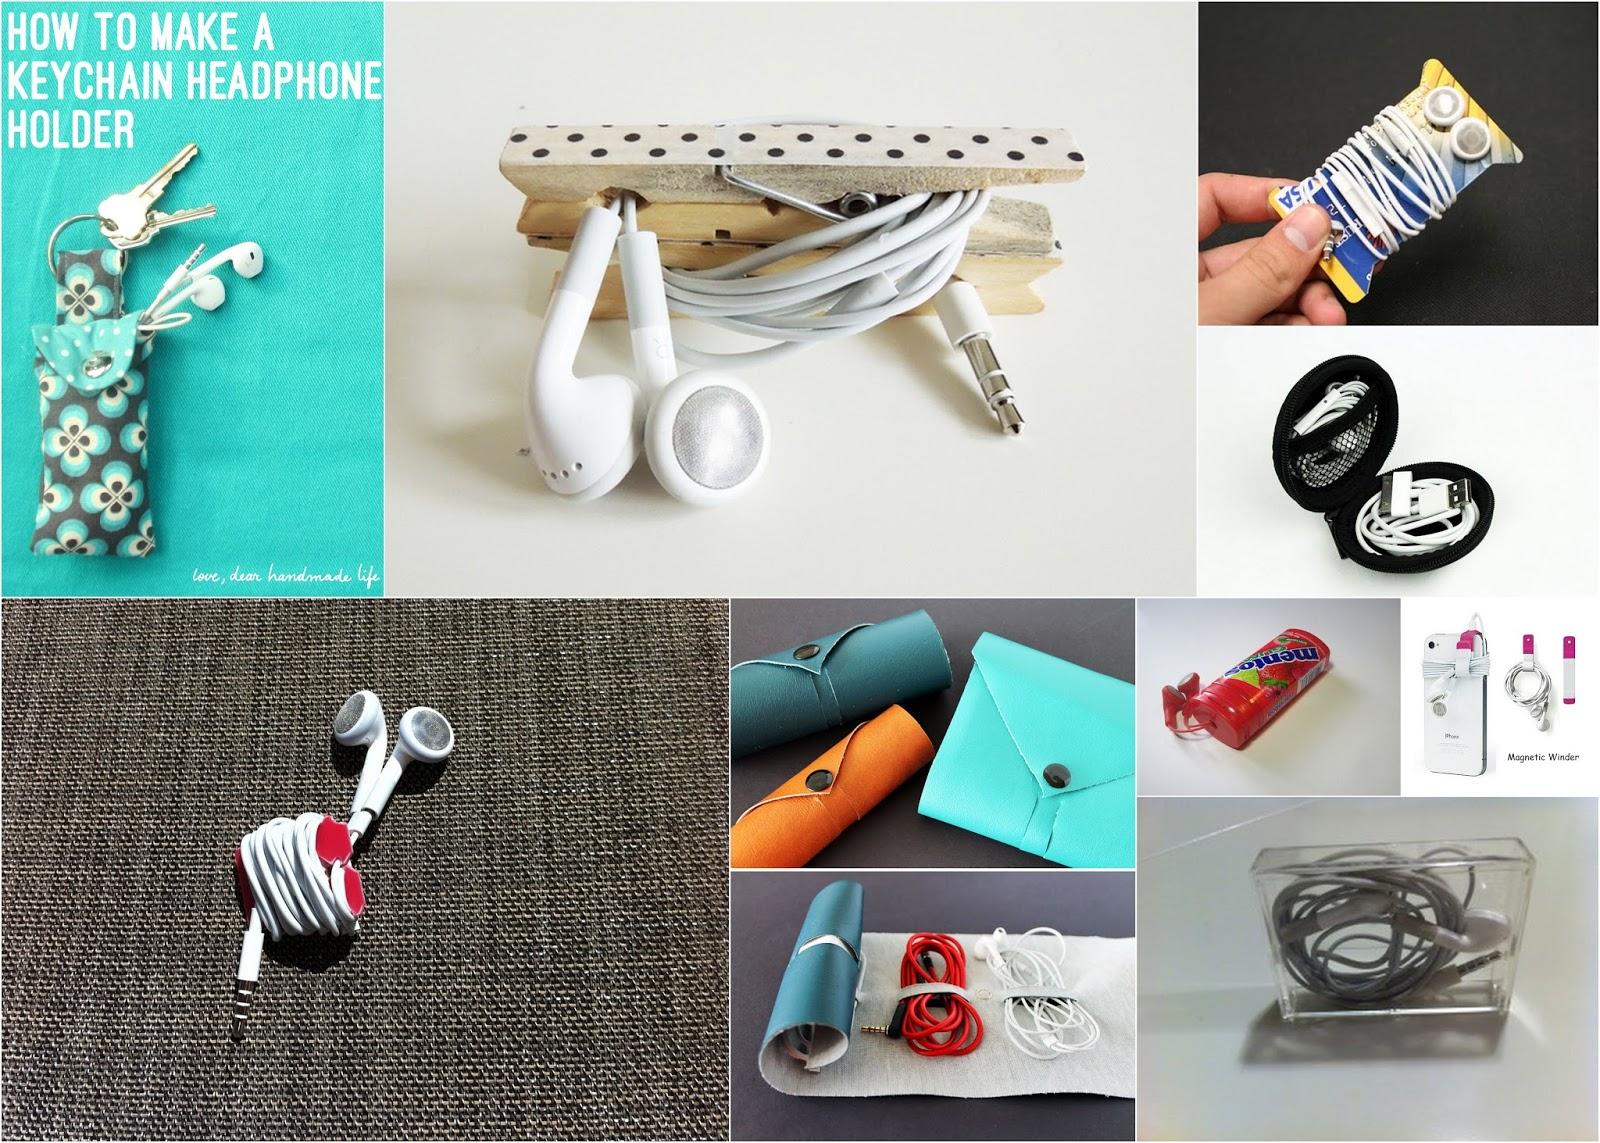 Easy Diy Earbud Holder - Home Design